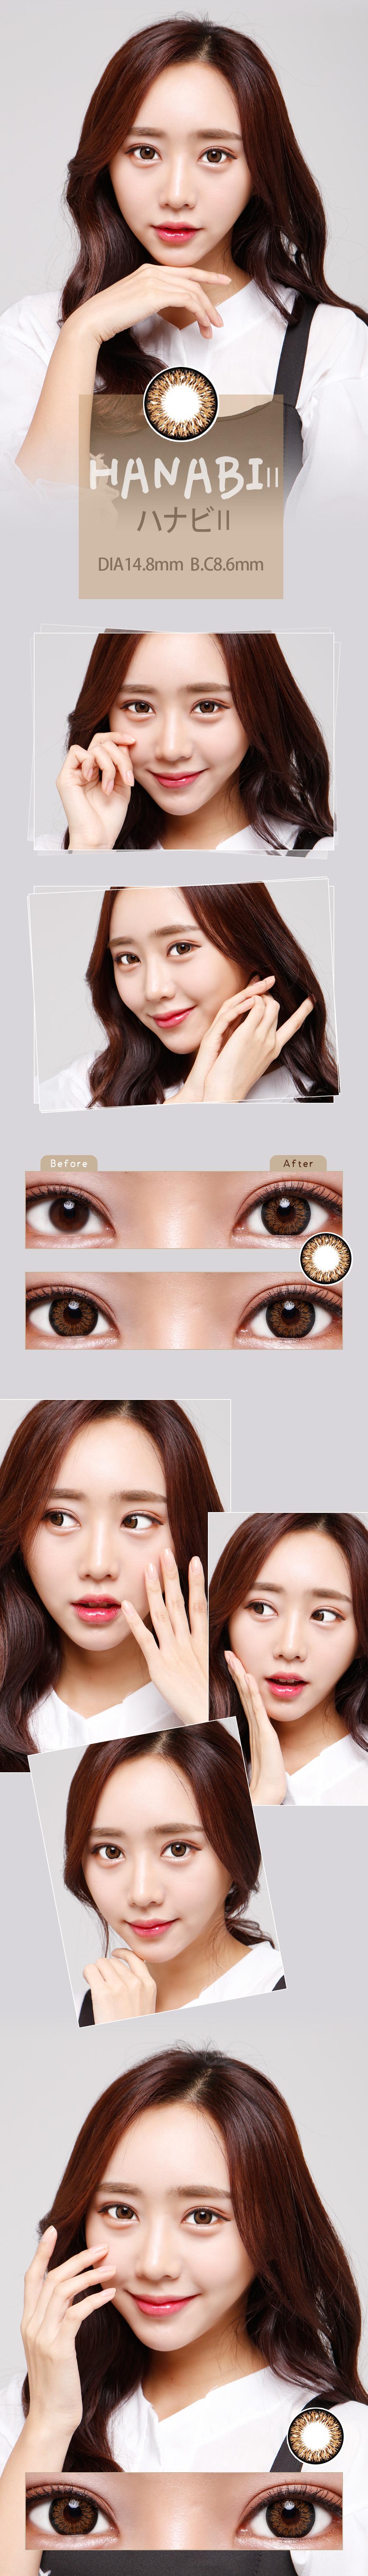 HANABIⅡより素敵な瞳を演出したい方にオススメ